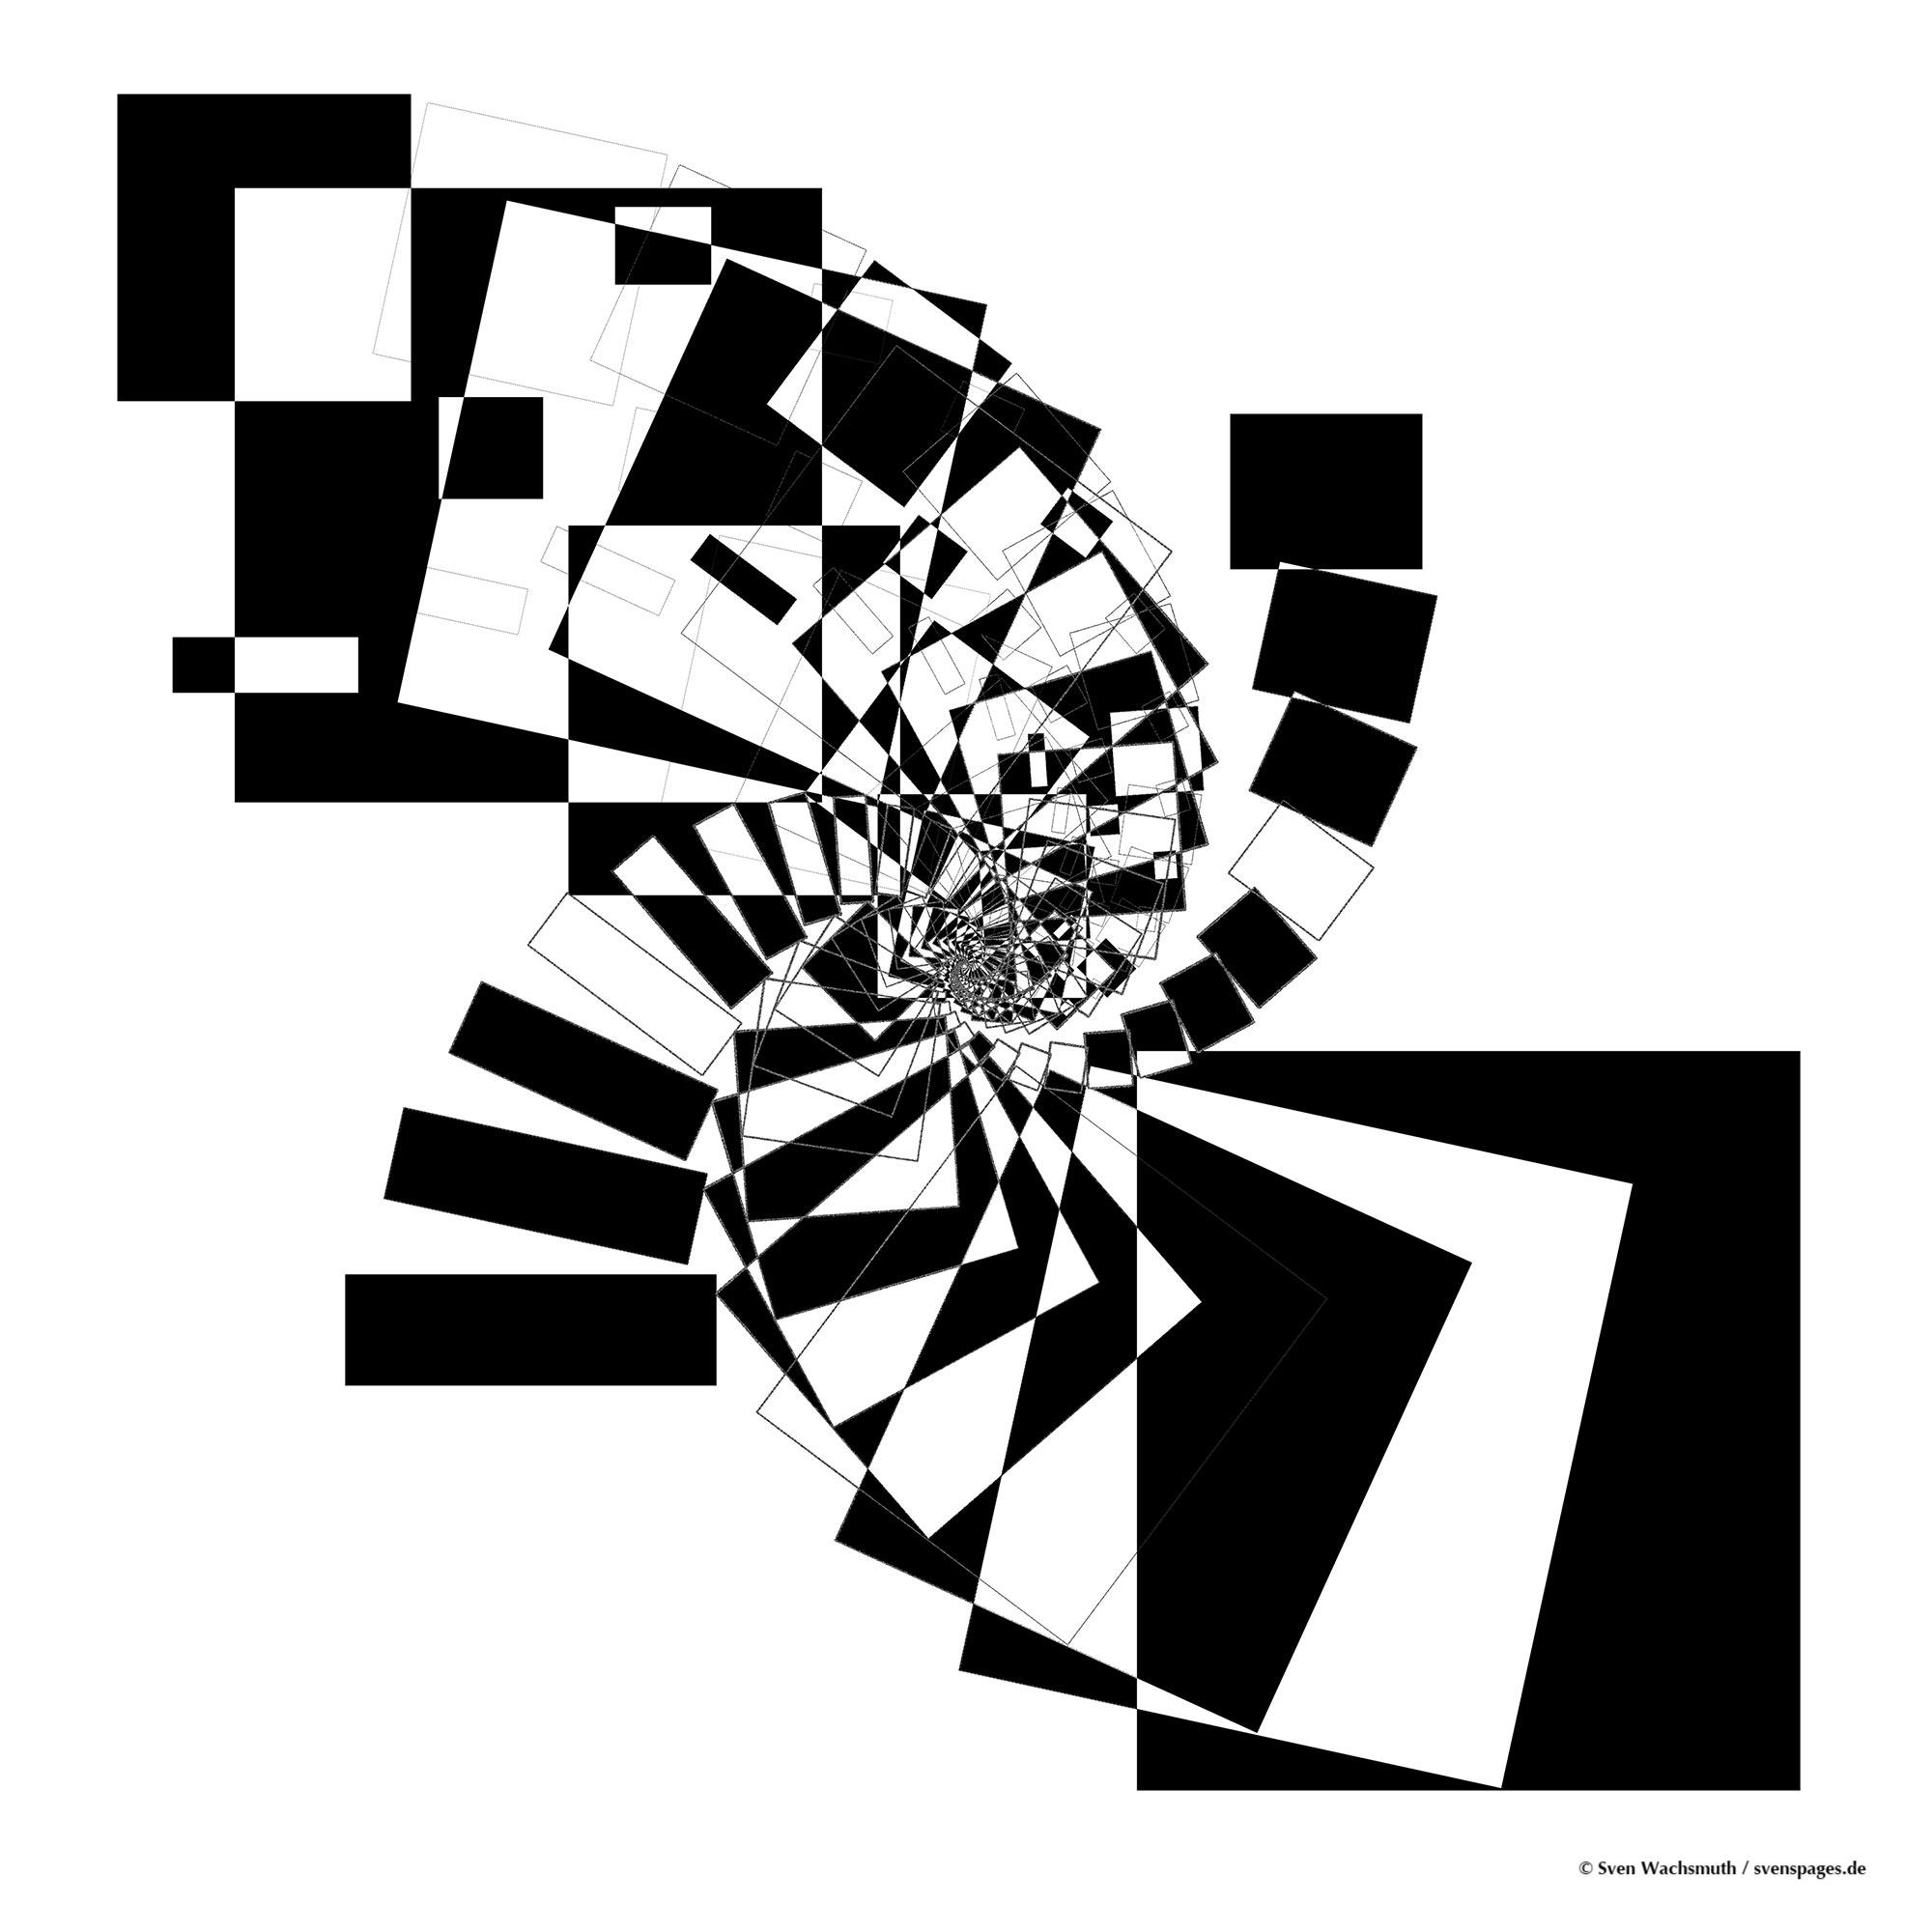 2007-10-28-minimal-implosion